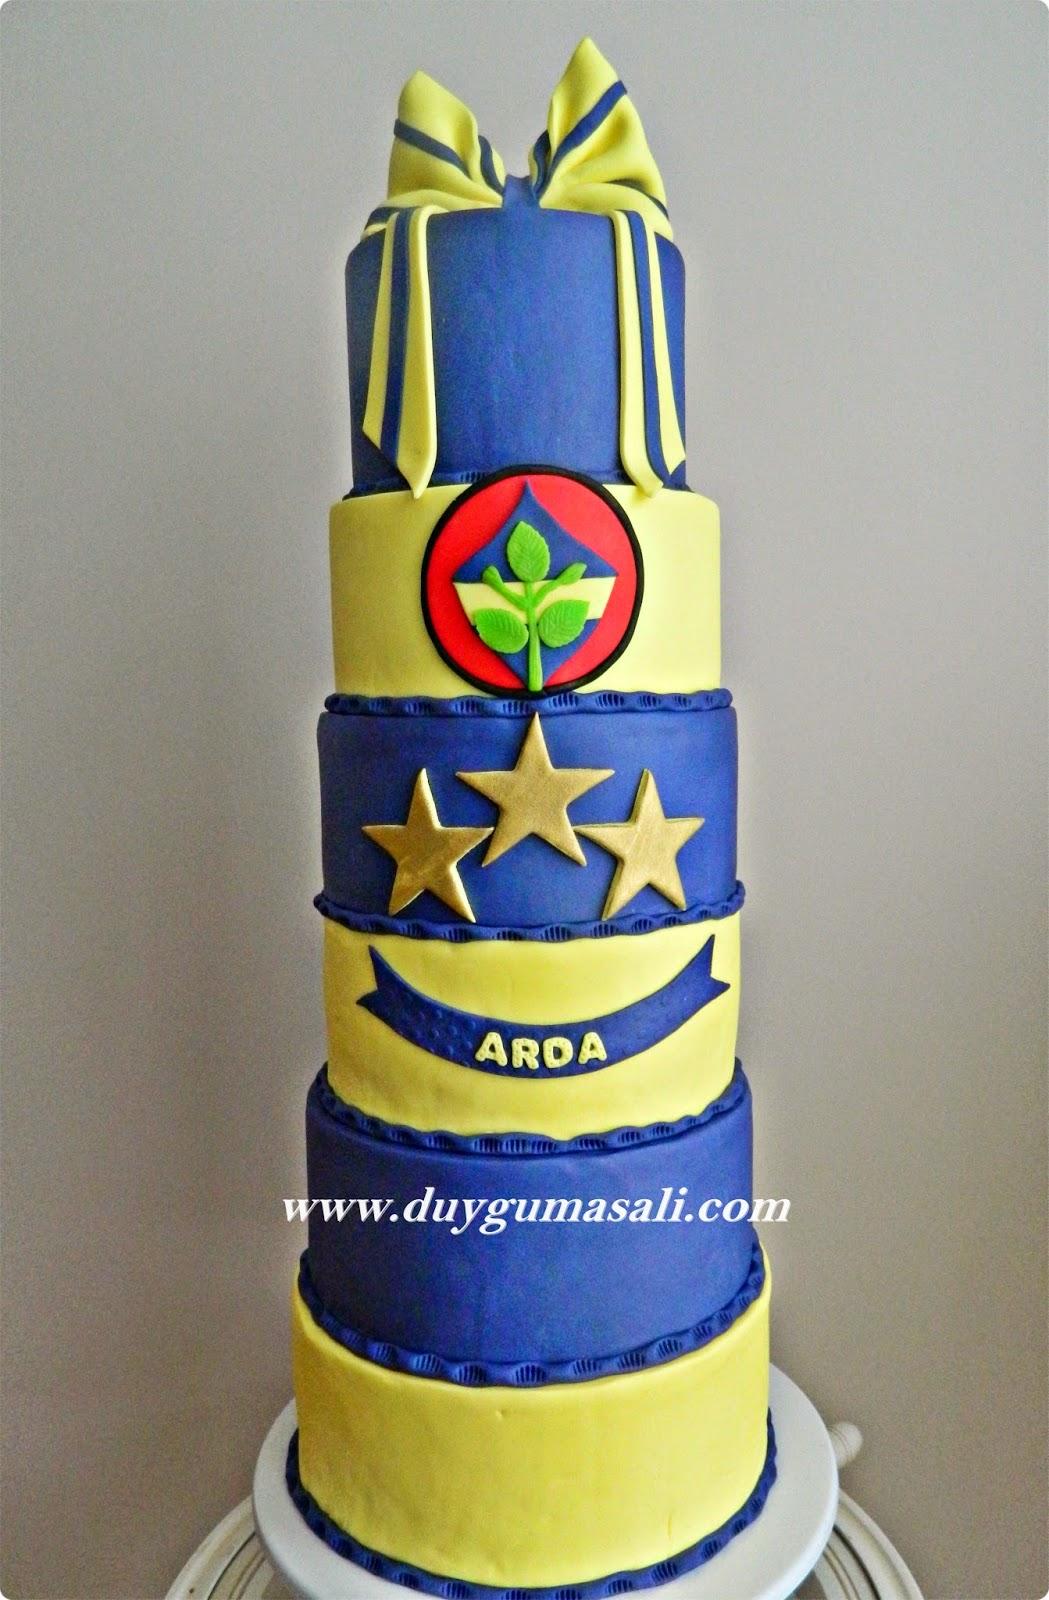 edirne maket düğün pastası